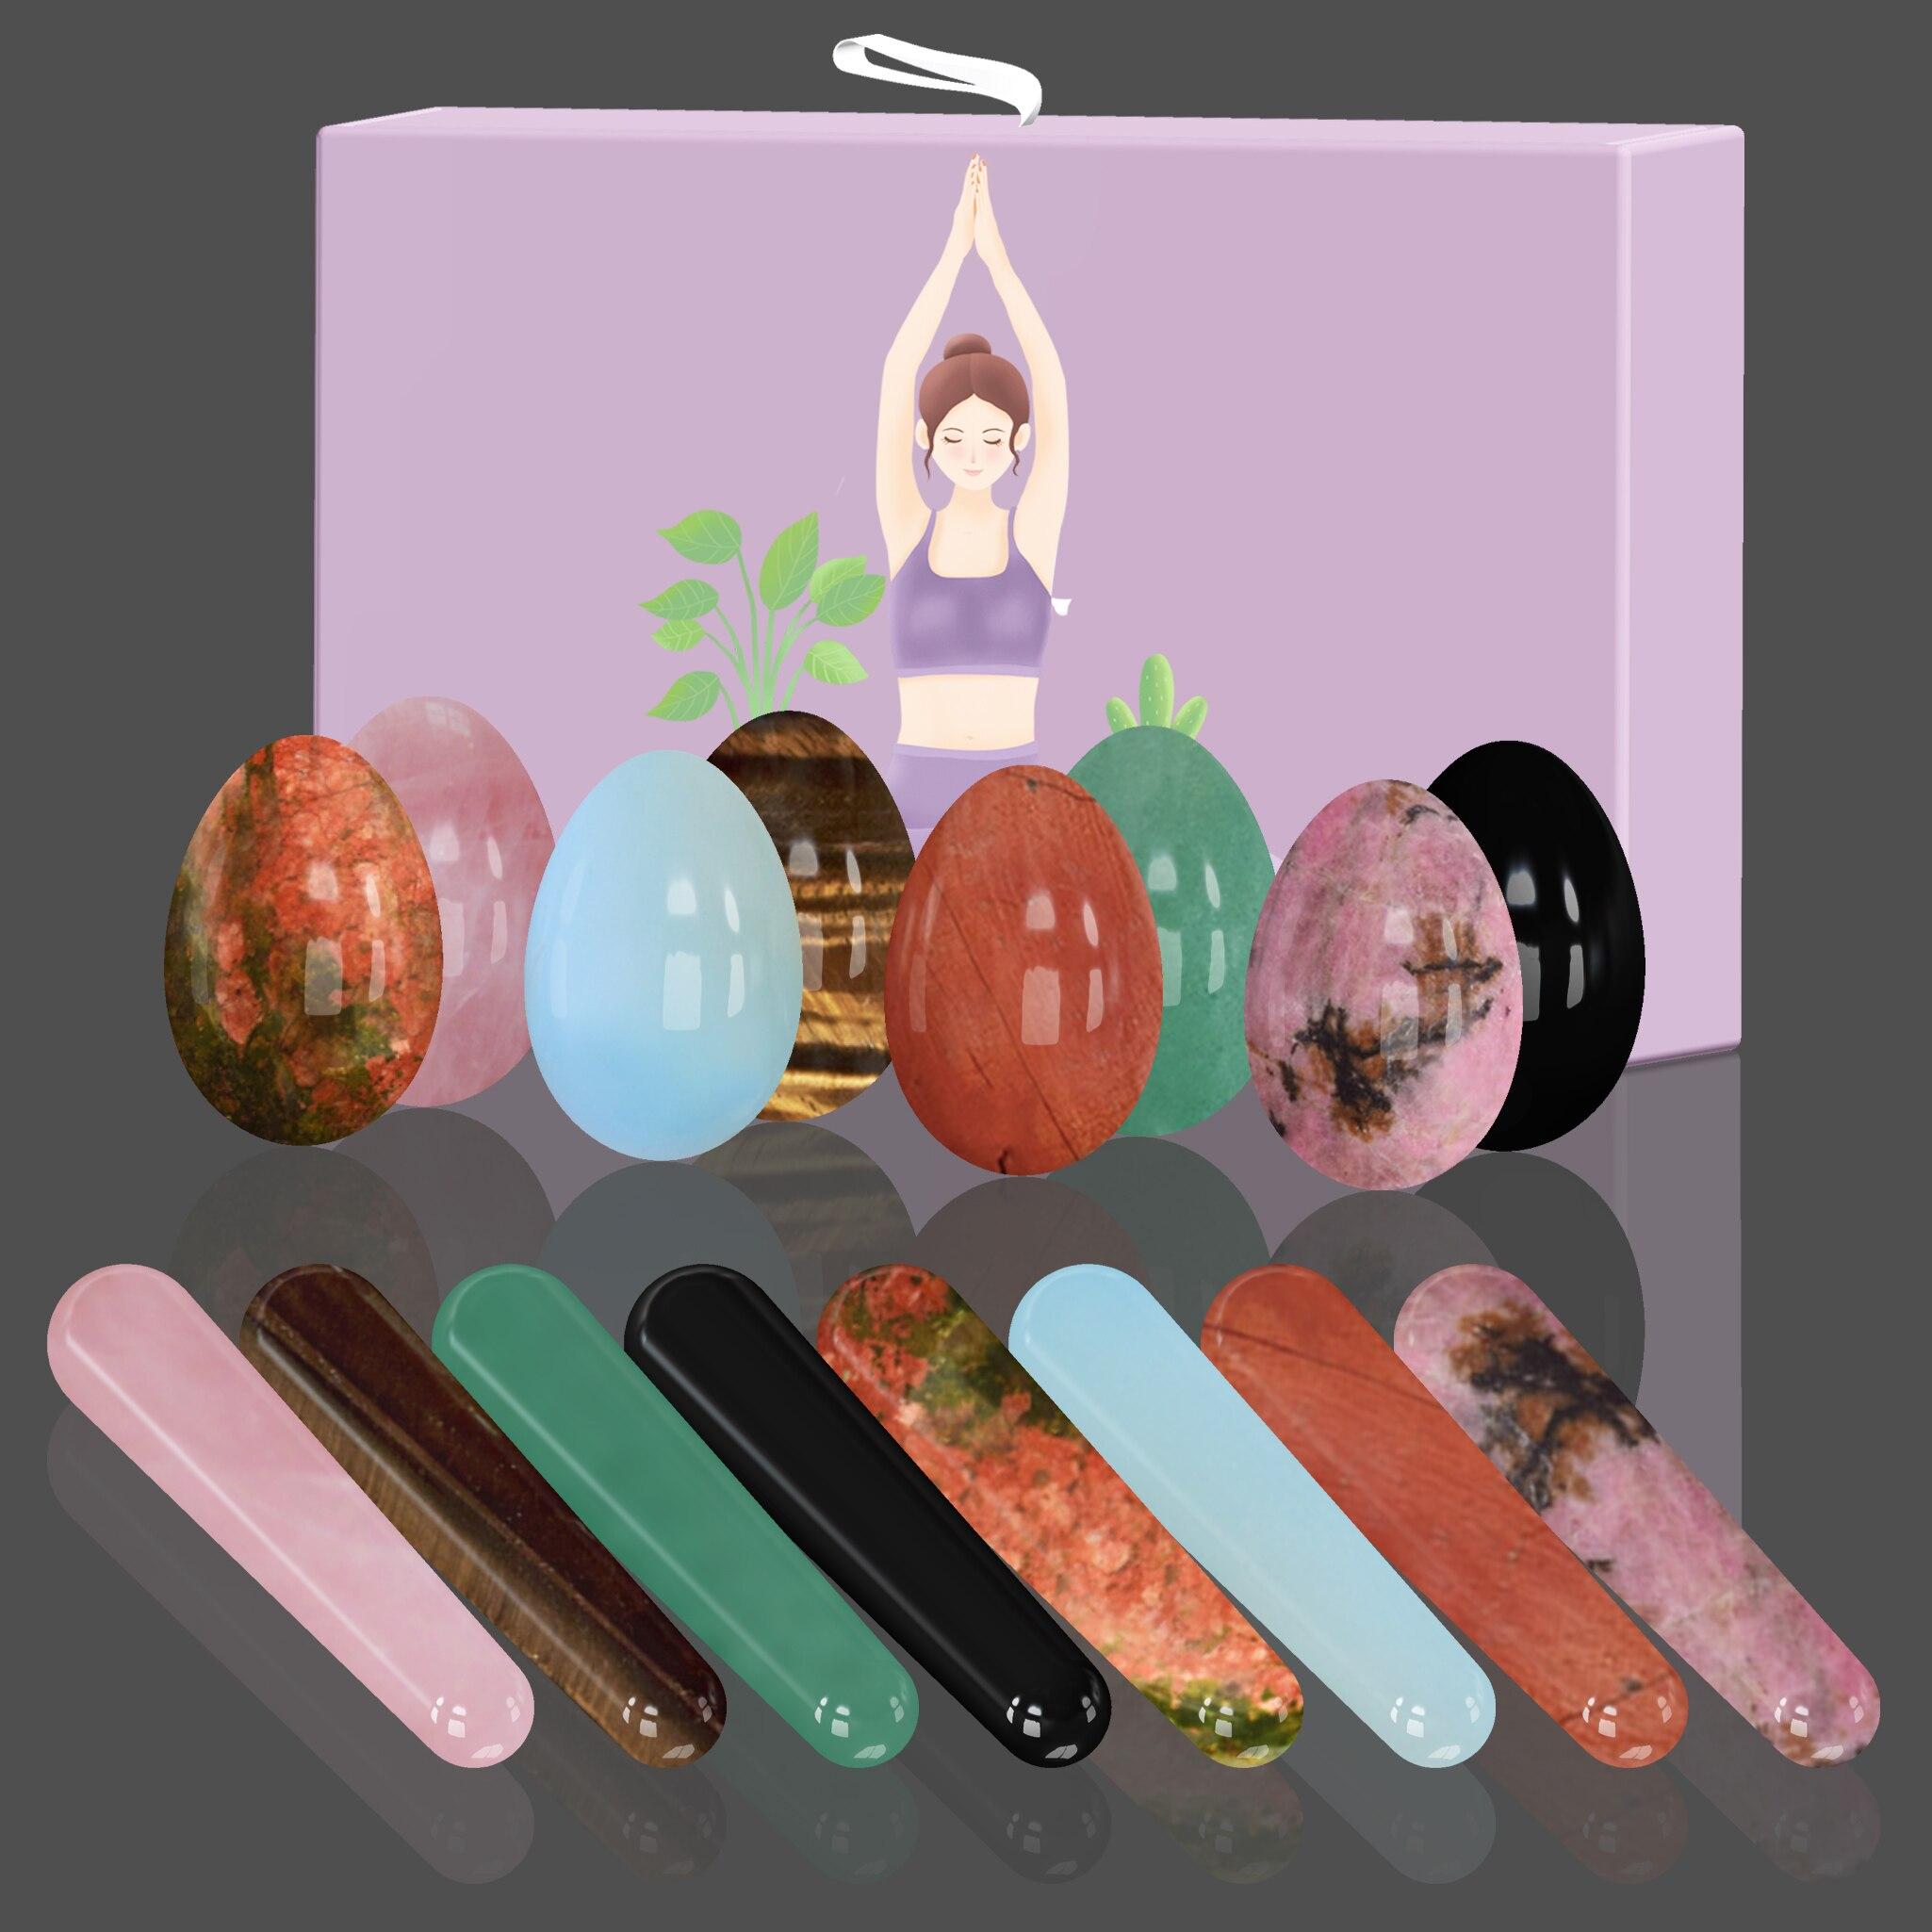 Инструмент для упражнения Кегеля для женщин, нефритовый массажер для укрепления мышц влагалища, йони-палочка, нефритовый массажер